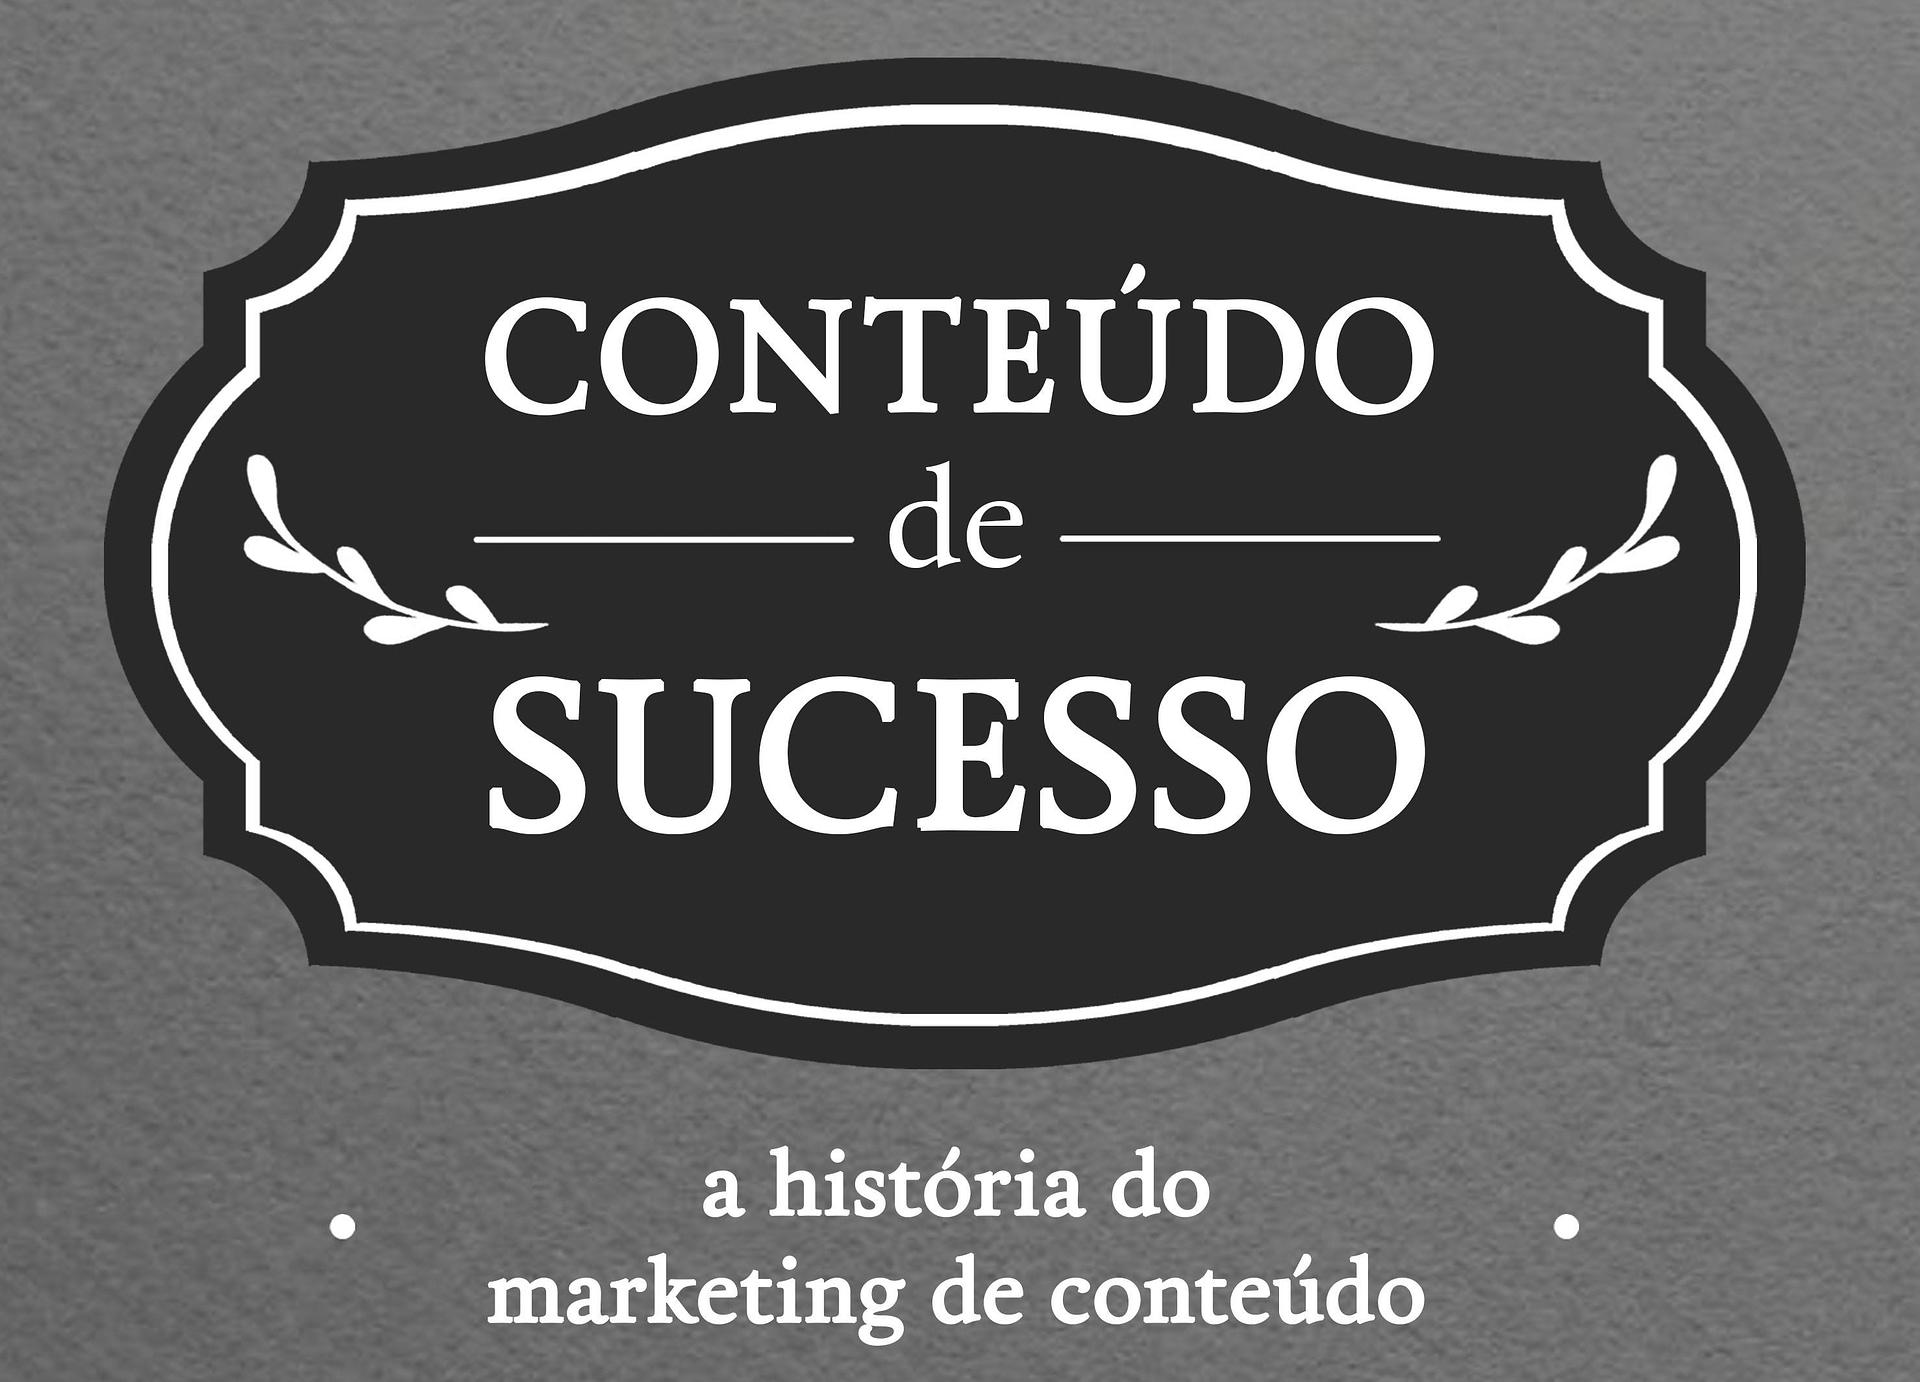 historia do marketing de conteudo